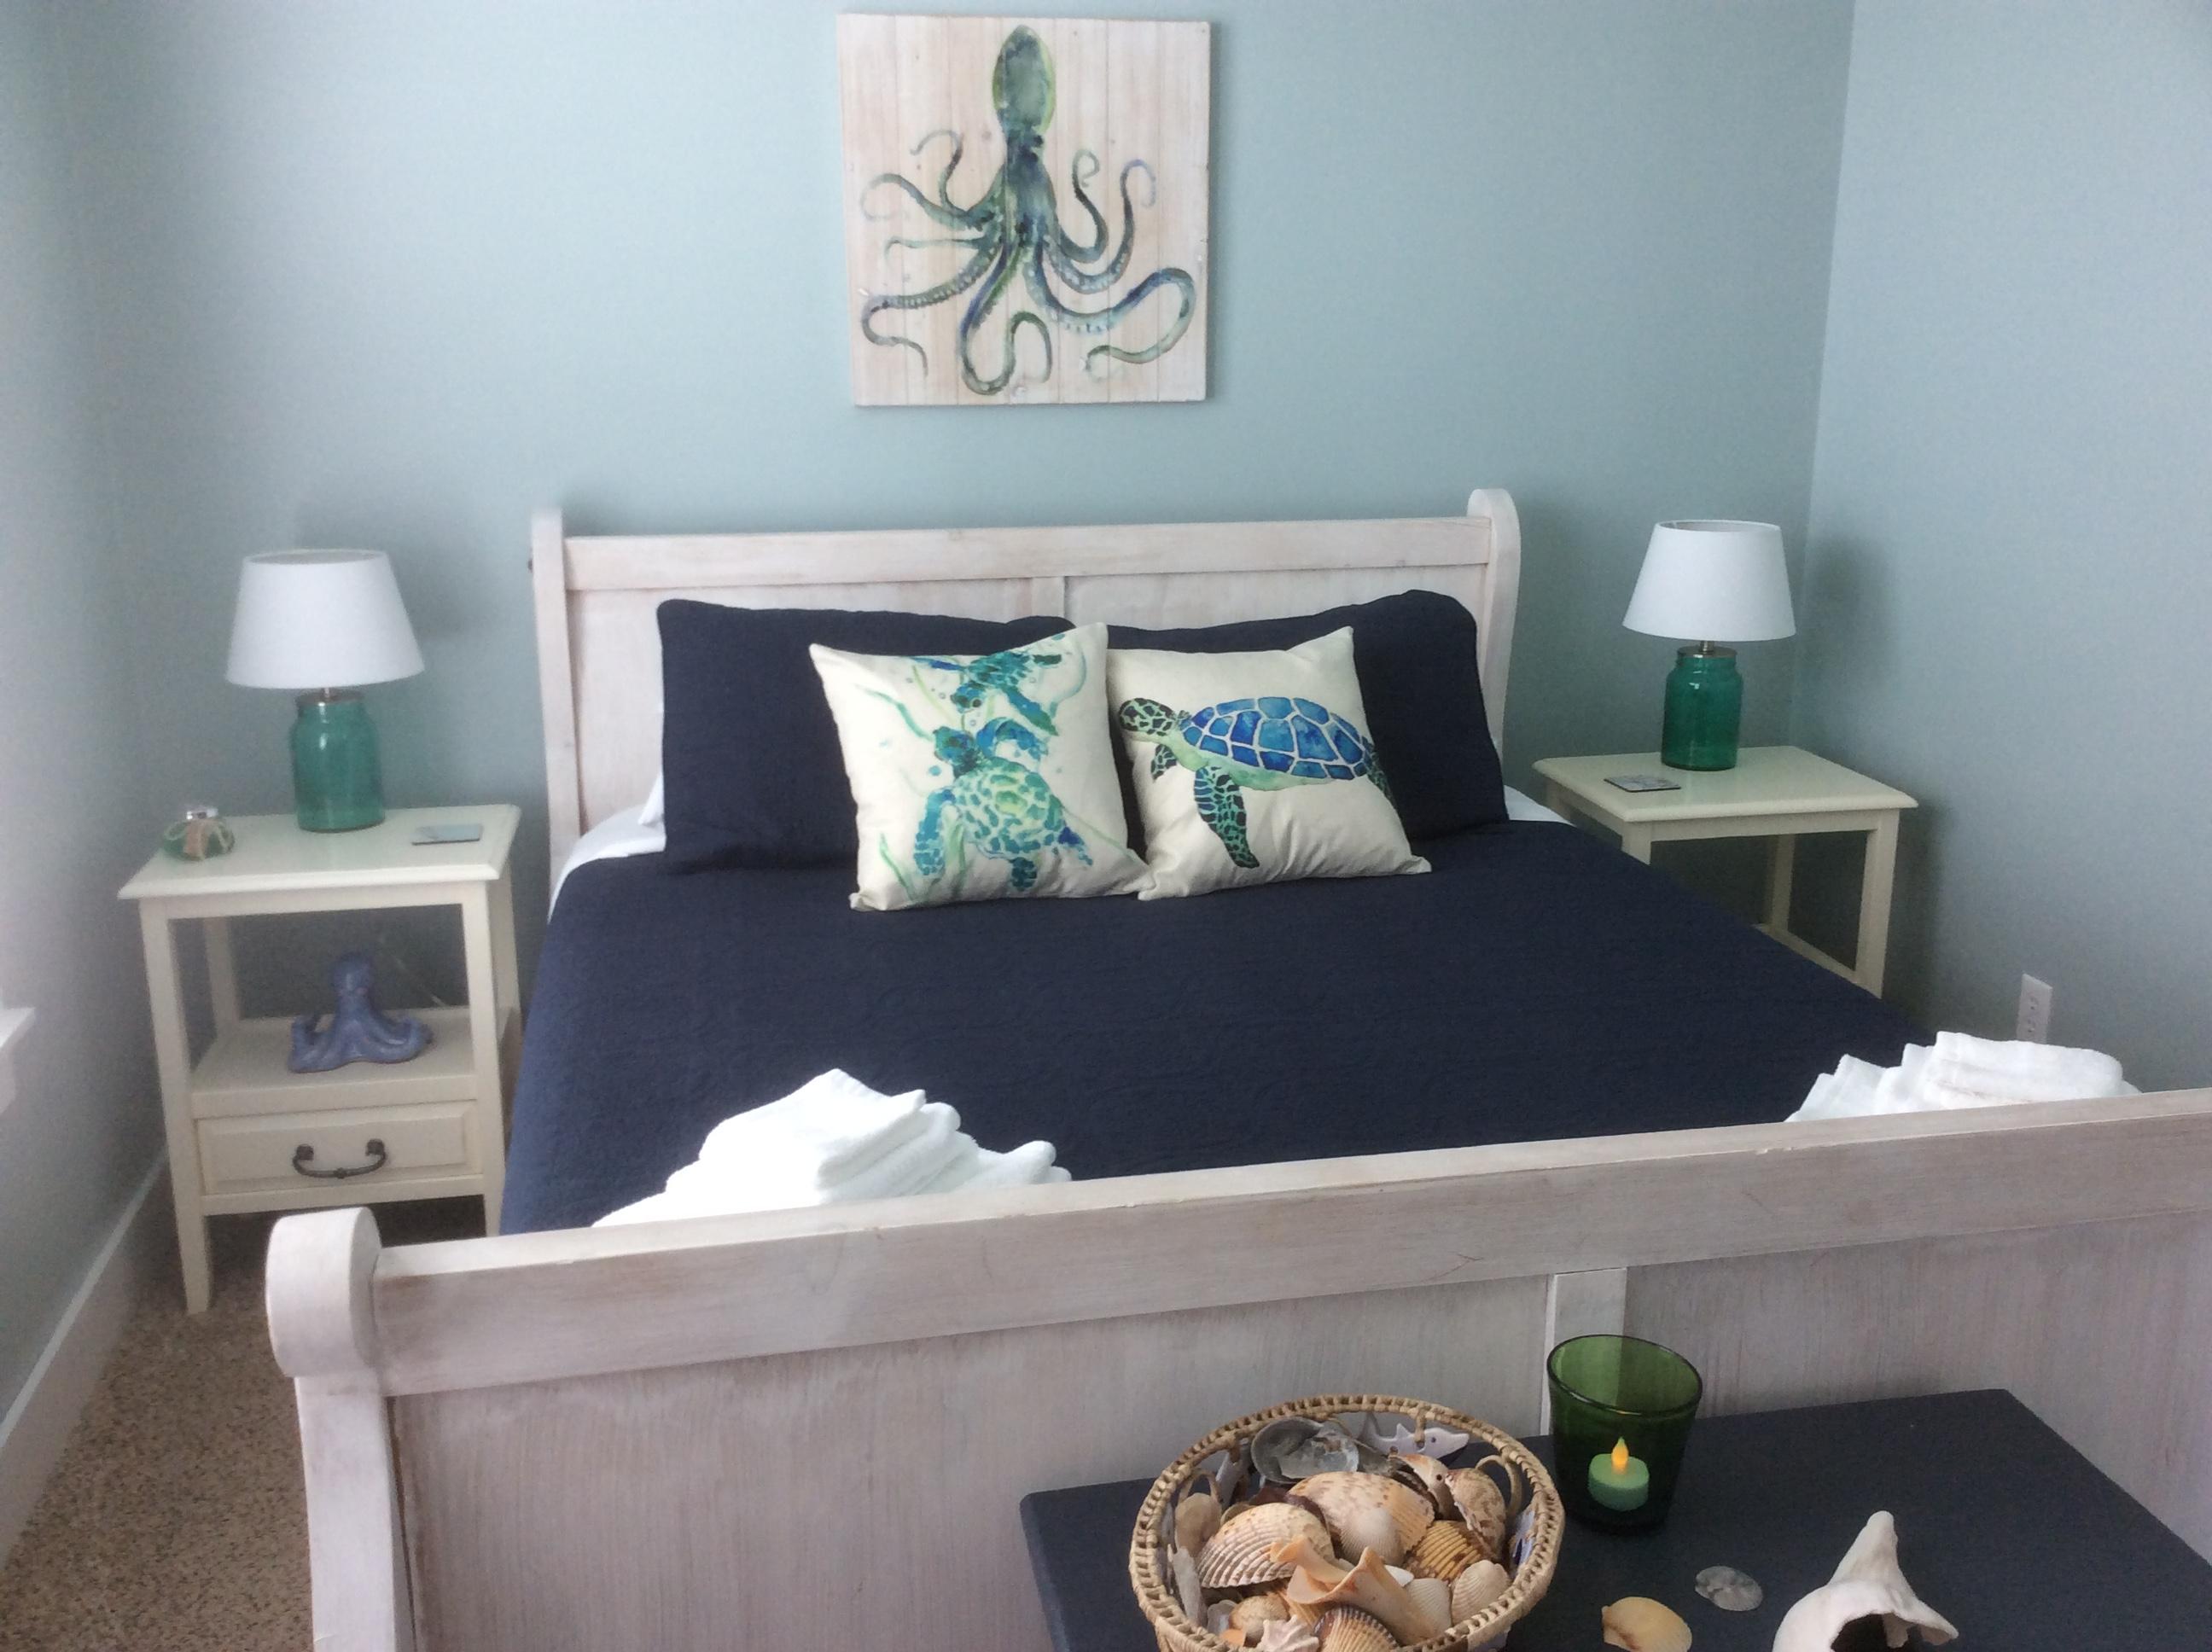 West queen bedroom